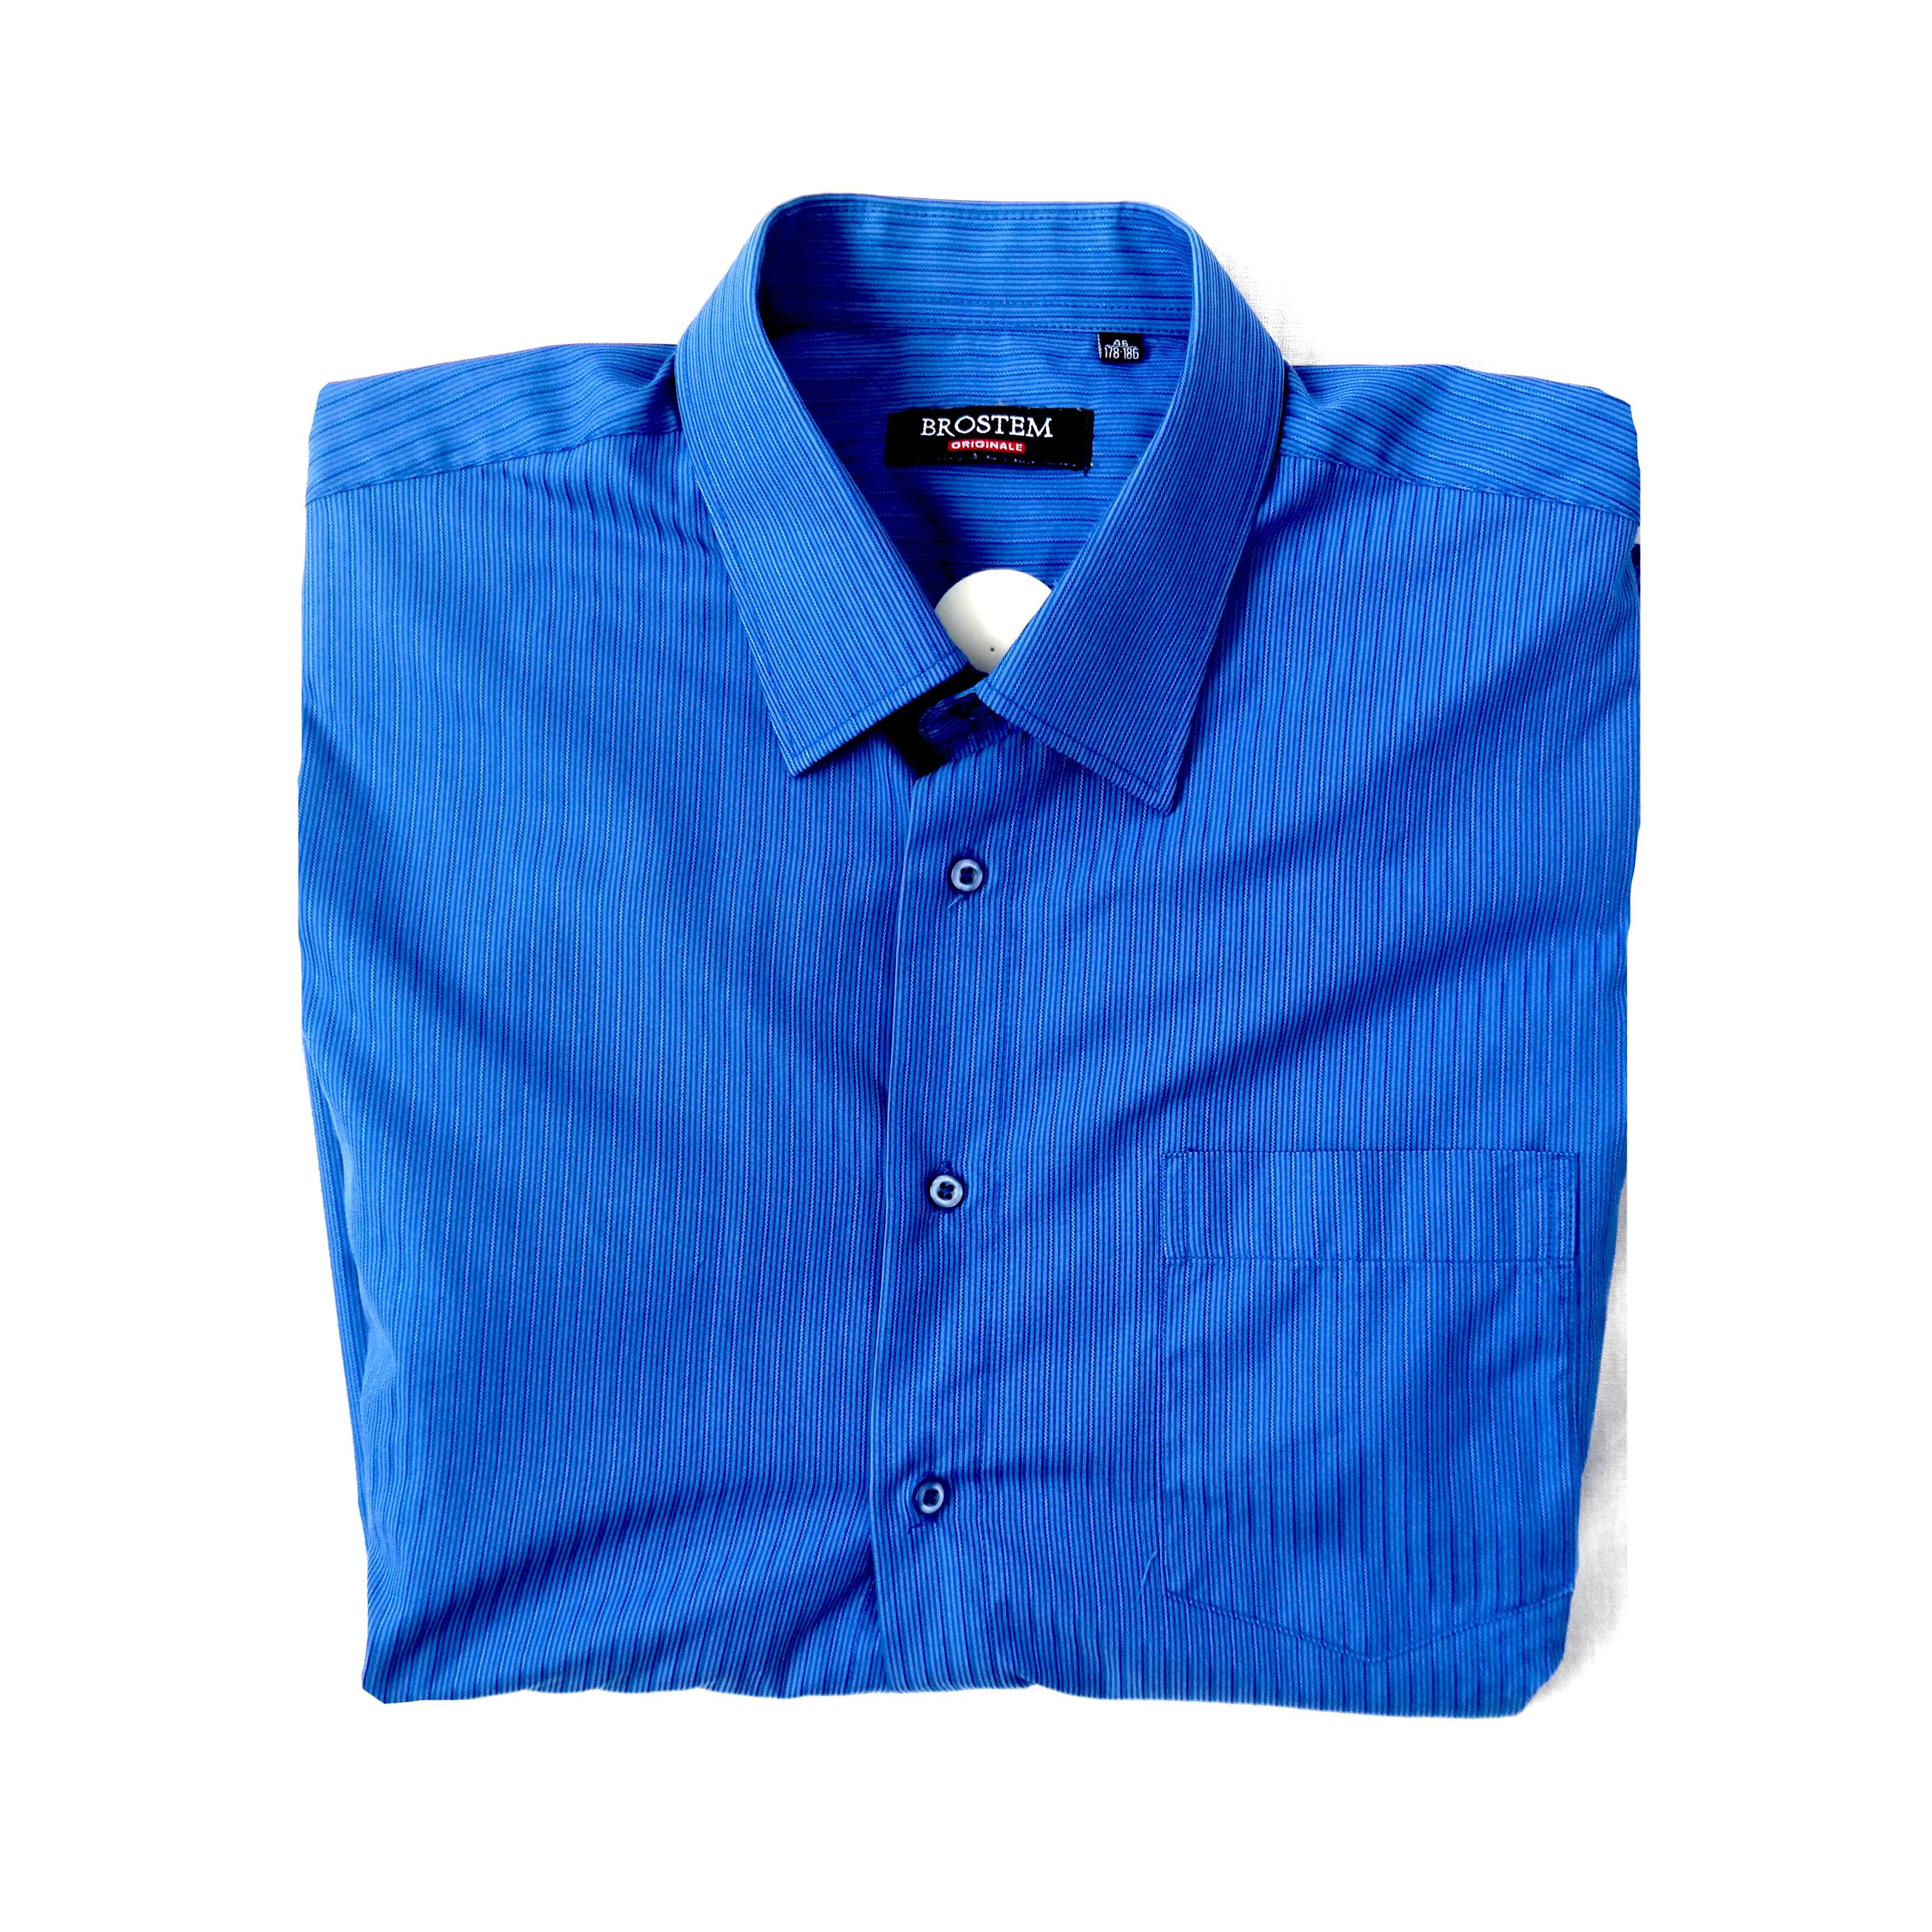 Синяя мужская рубашка с коротким рукавом в Челябинске